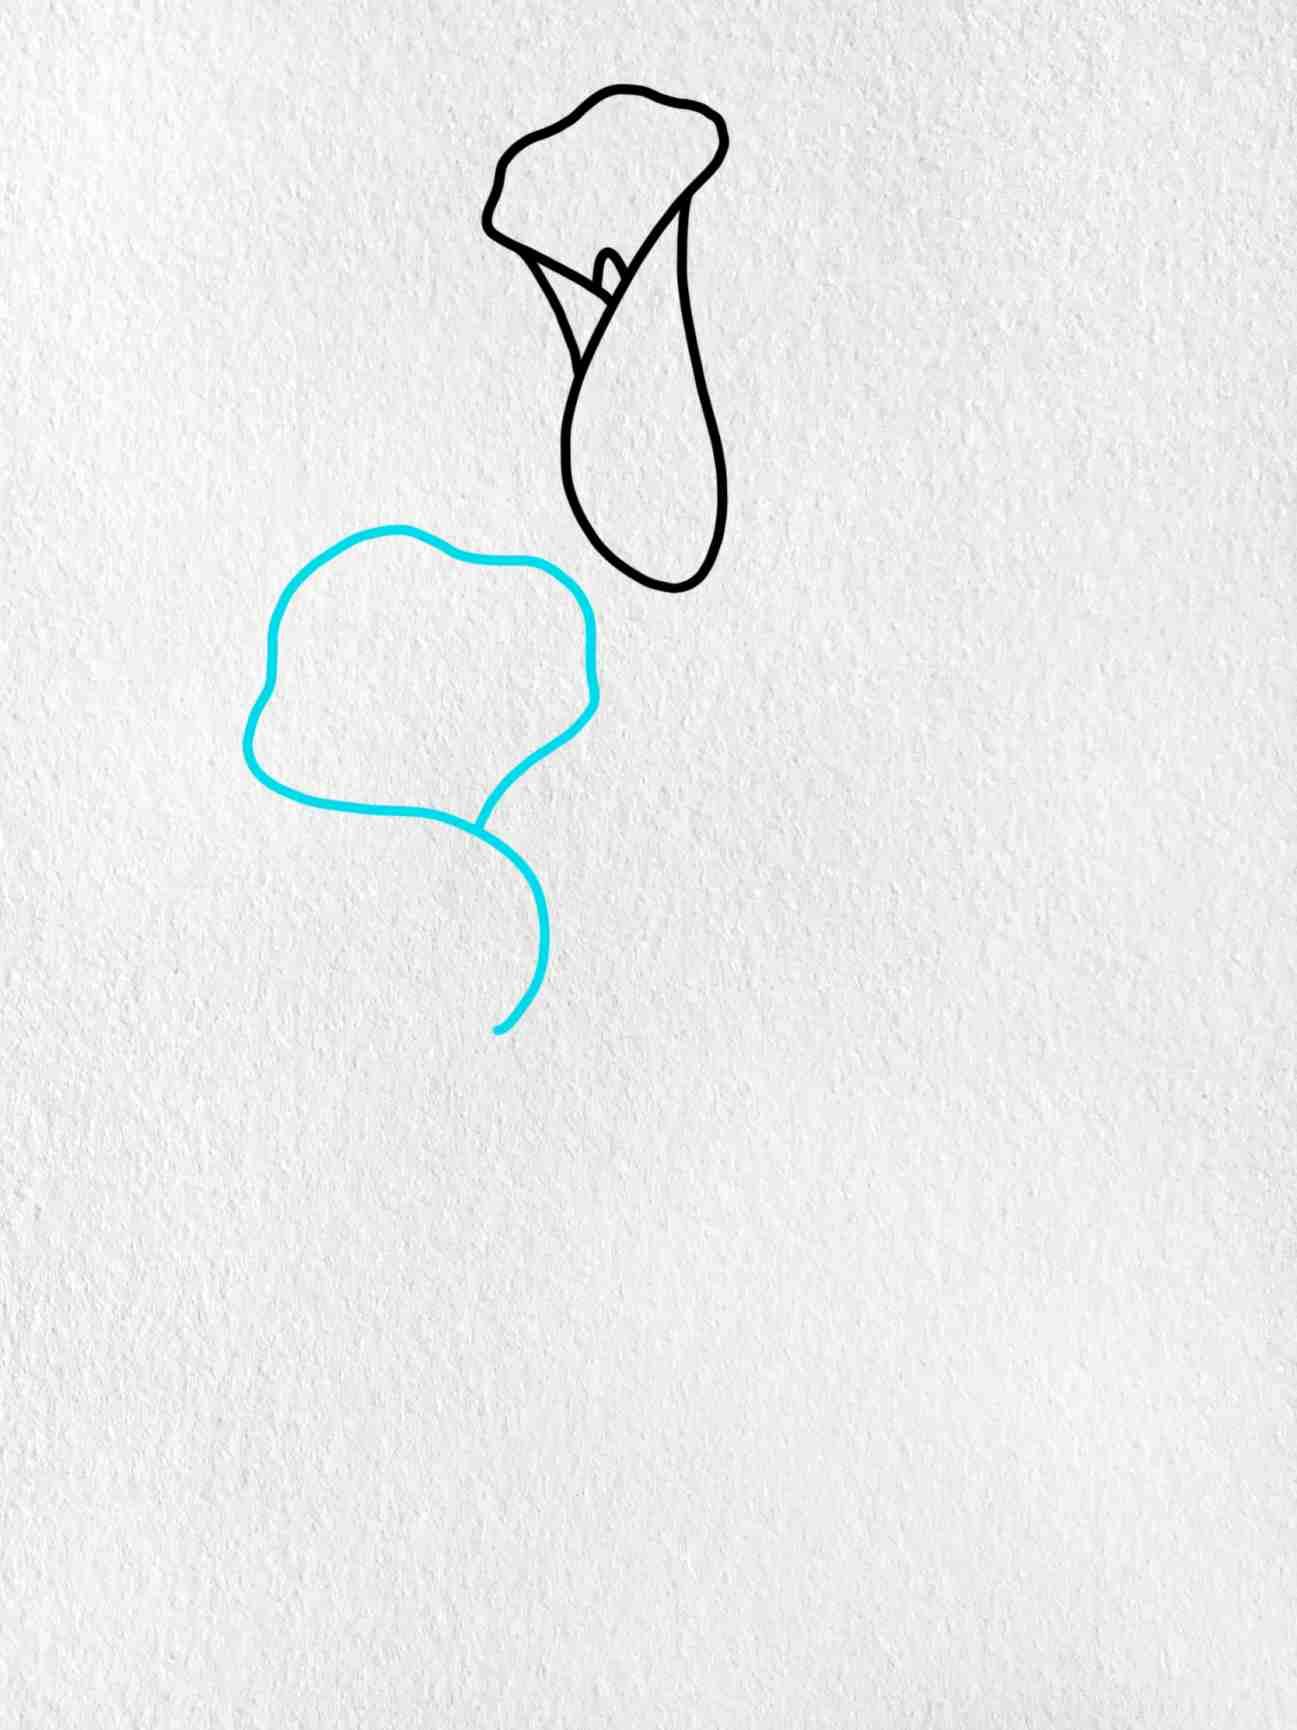 Calla Lily Drawing: Step 3